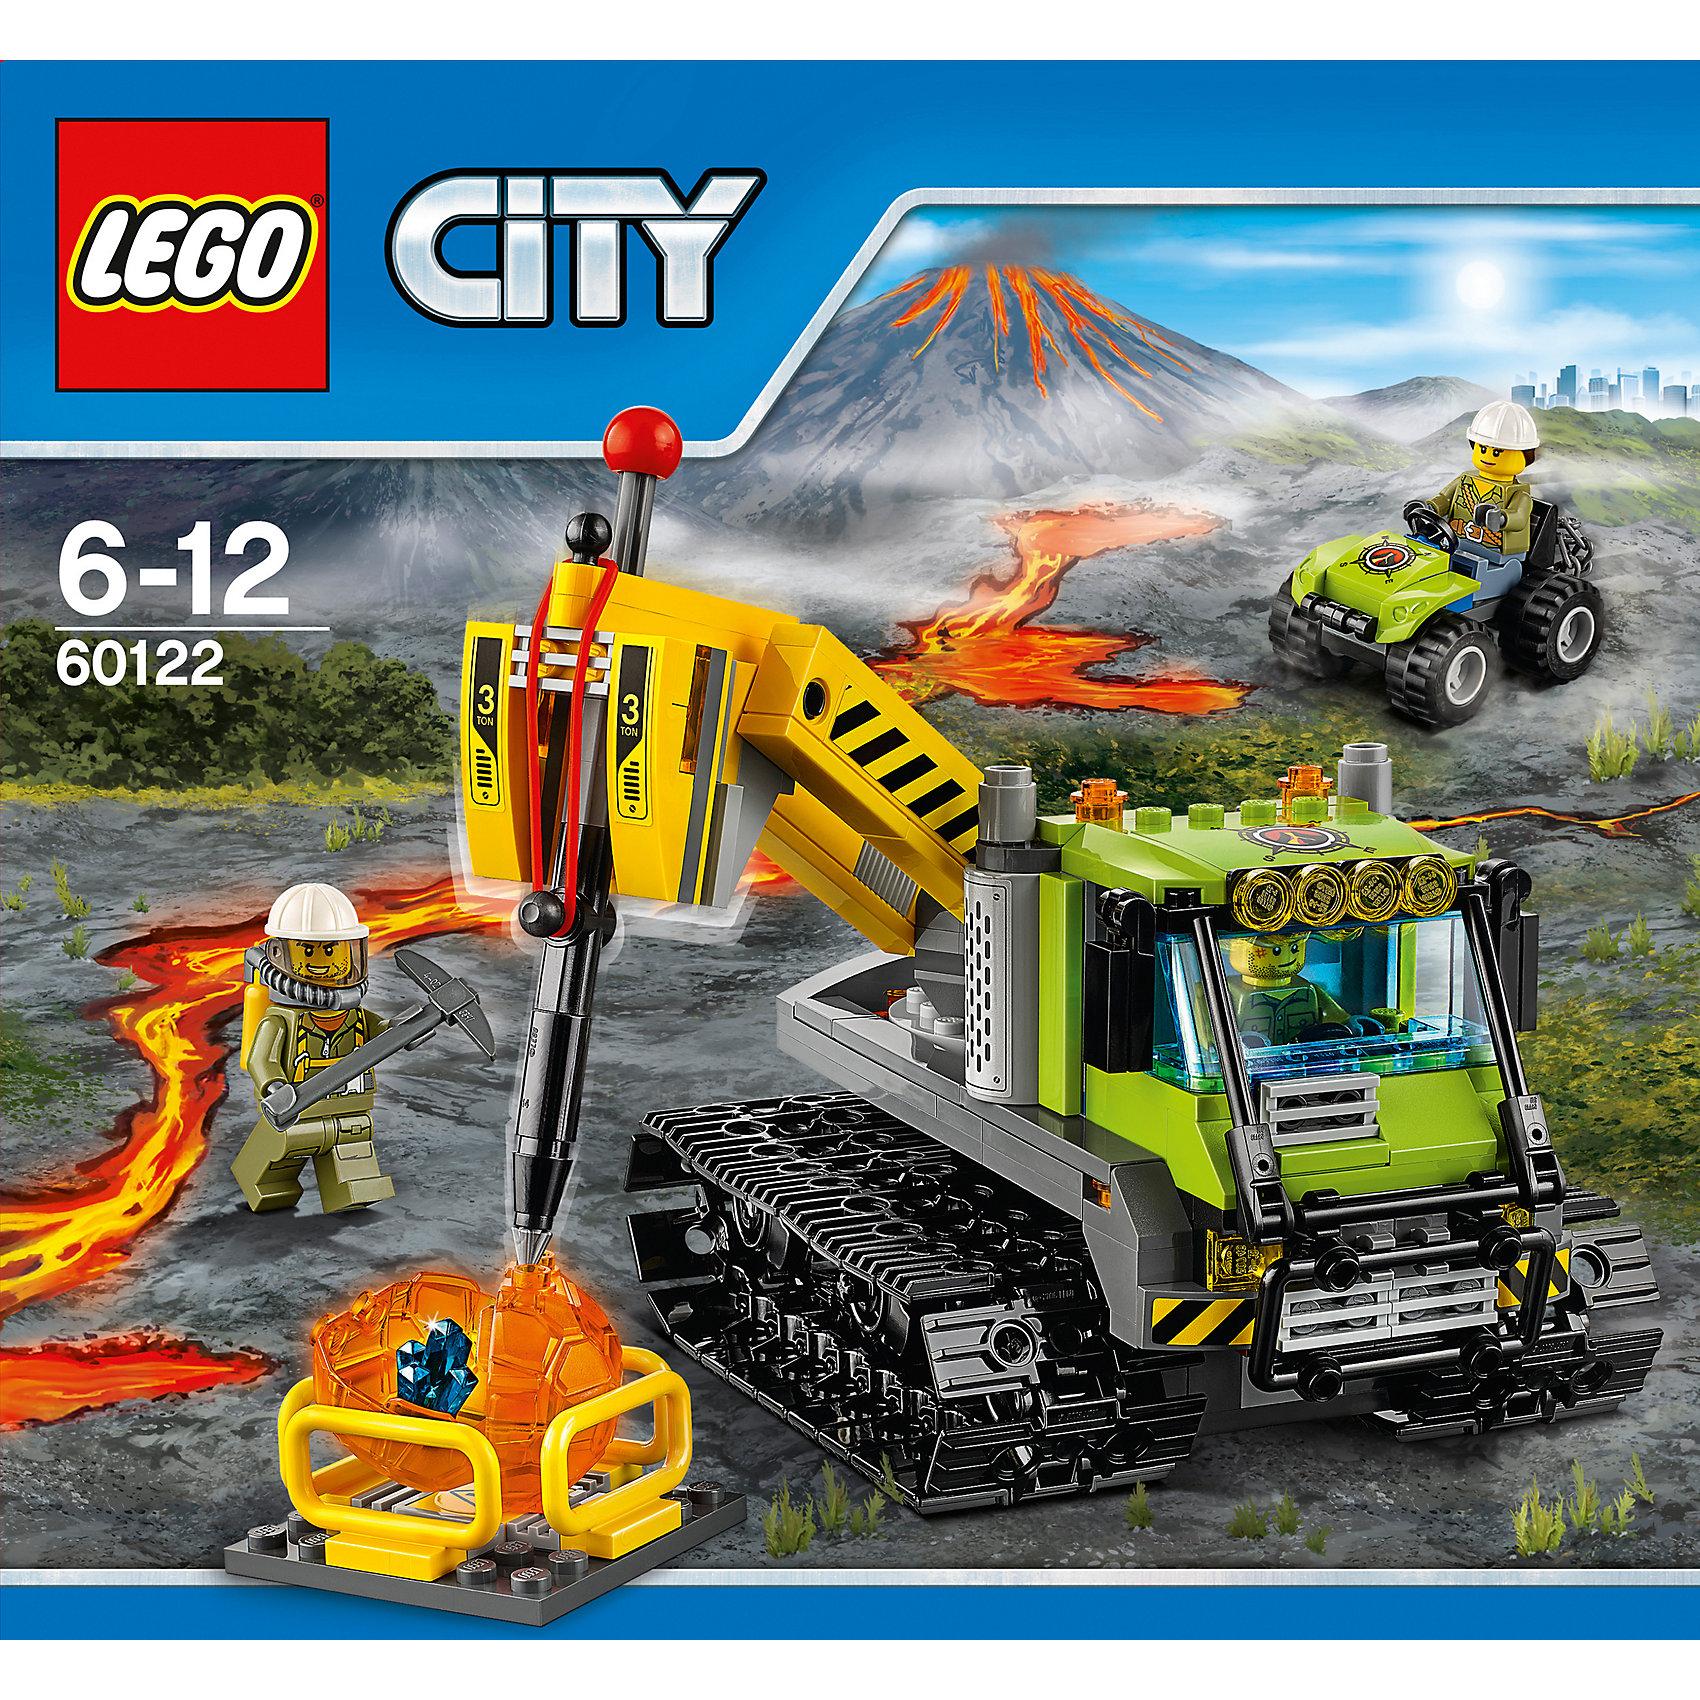 LEGO City 60122: Вездеход исследователей вулкановLEGO<br>Отправляйся на поиски горного кристалла вместе с отважными исследователями-геологами! Их вездеход проедет по любой поверхности. Машина на гусеничном ходу оснащена мощным отбойным молотком, используй его, чтобы разбить камни и узнать, что внутри. <br><br>LEGO City (ЛЕГО Сити) - серия детских конструкторов ЛЕГО, с помощью которого ваш ребенок может погрузиться в мир мегаполиса. Эта серия поможет ребенку понять, как устроена жизнь города, какие функции выполняют те или иные люди и техника. Предлагает на выбор огромное множество профессий, сфер деятельности и ситуаций, связанных с ними.<br><br>Дополнительная информация:<br><br>- Конструкторы ЛЕГО развивают усидчивость, внимание, фантазию и мелкую моторику. <br>- 3 минифигурки геологов.<br>- Количество деталей: 324. <br>- Комплектация: 3 минифигурки, вездеход с подвижной гусеницей и приборами, машинка цепью, вулканический камень в виде прозрачного шара с кристаллом внутри, аксессуары.<br>- Серия ЛЕГО Сити (LEGO City).<br>- Материал: пластик.<br>- Размер упаковки: 26х7,6х28 см.<br>- Вес: 0,7 кг.<br><br>Конструктор LEGO City 60122: Вездеход исследователей вулканов можно купить в нашем магазине.<br><br>Ширина мм: 284<br>Глубина мм: 264<br>Высота мм: 81<br>Вес г: 618<br>Возраст от месяцев: 72<br>Возраст до месяцев: 144<br>Пол: Мужской<br>Возраст: Детский<br>SKU: 4641230